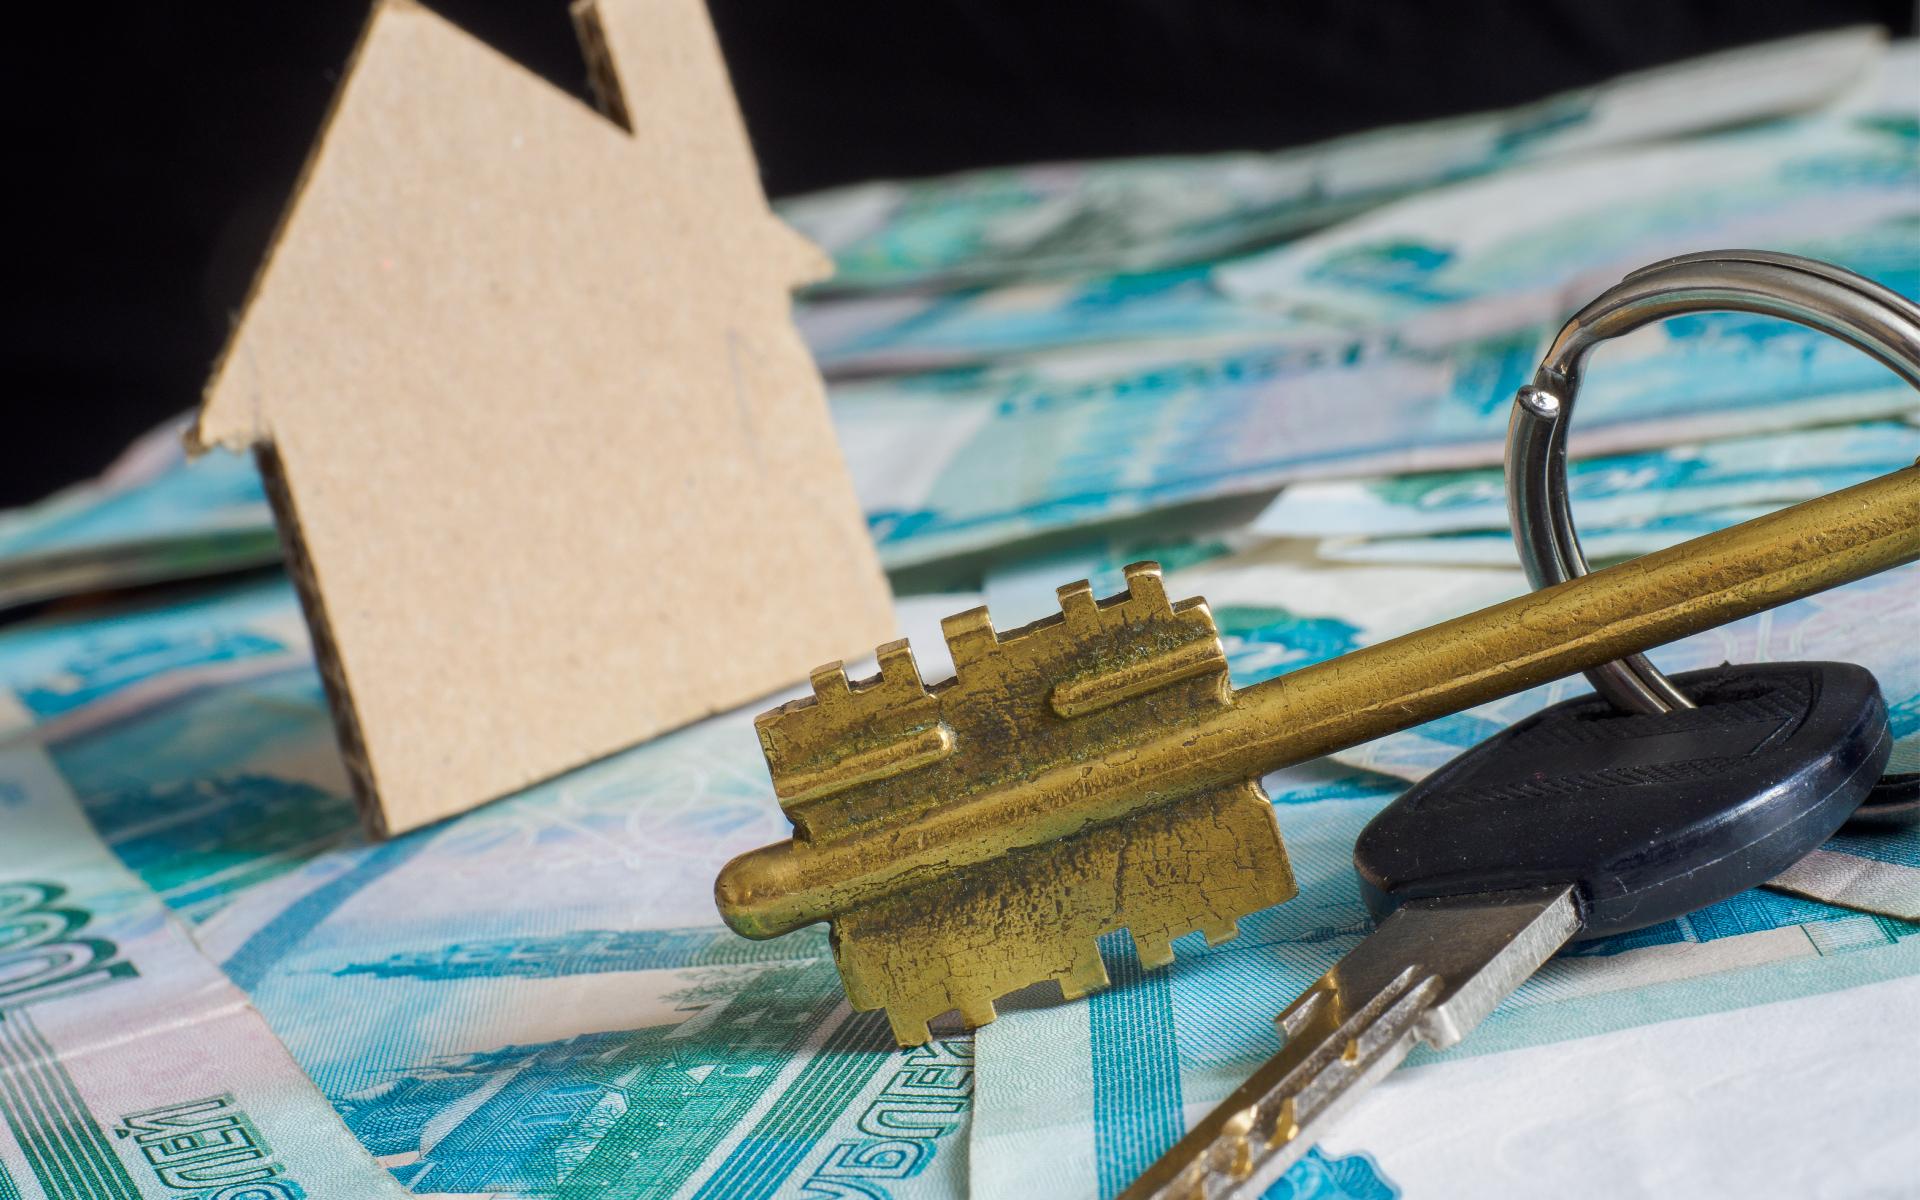 Первоначальный взнос по программе «Семейная ипотека» составляет от 15% стоимости жилья